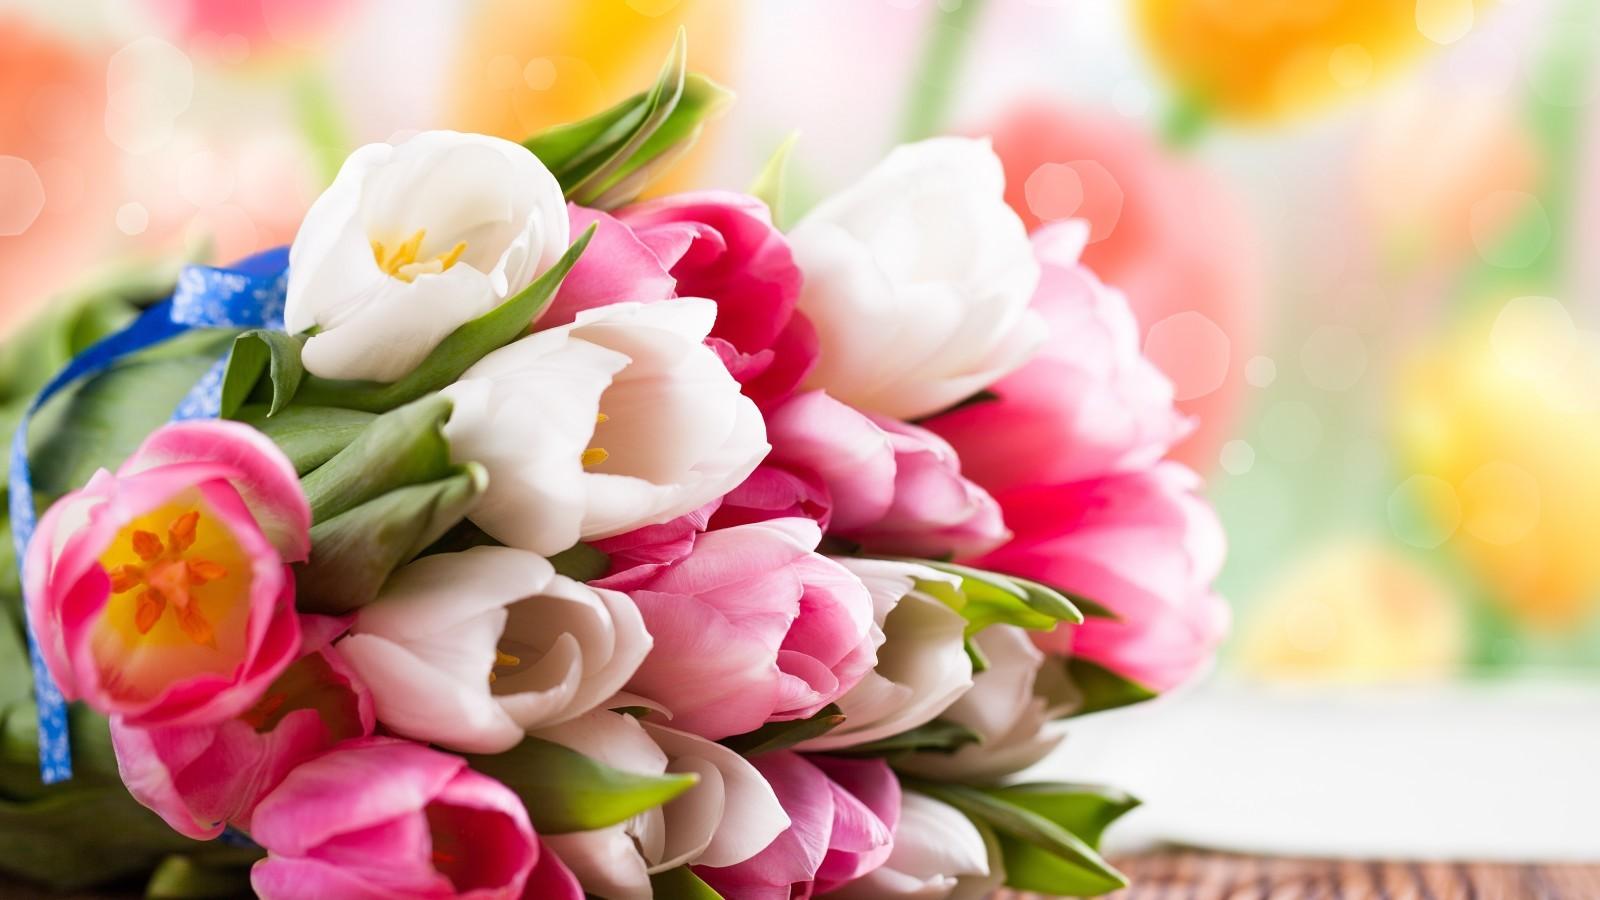 17426 скачать обои Растения, Цветы, Тюльпаны - заставки и картинки бесплатно